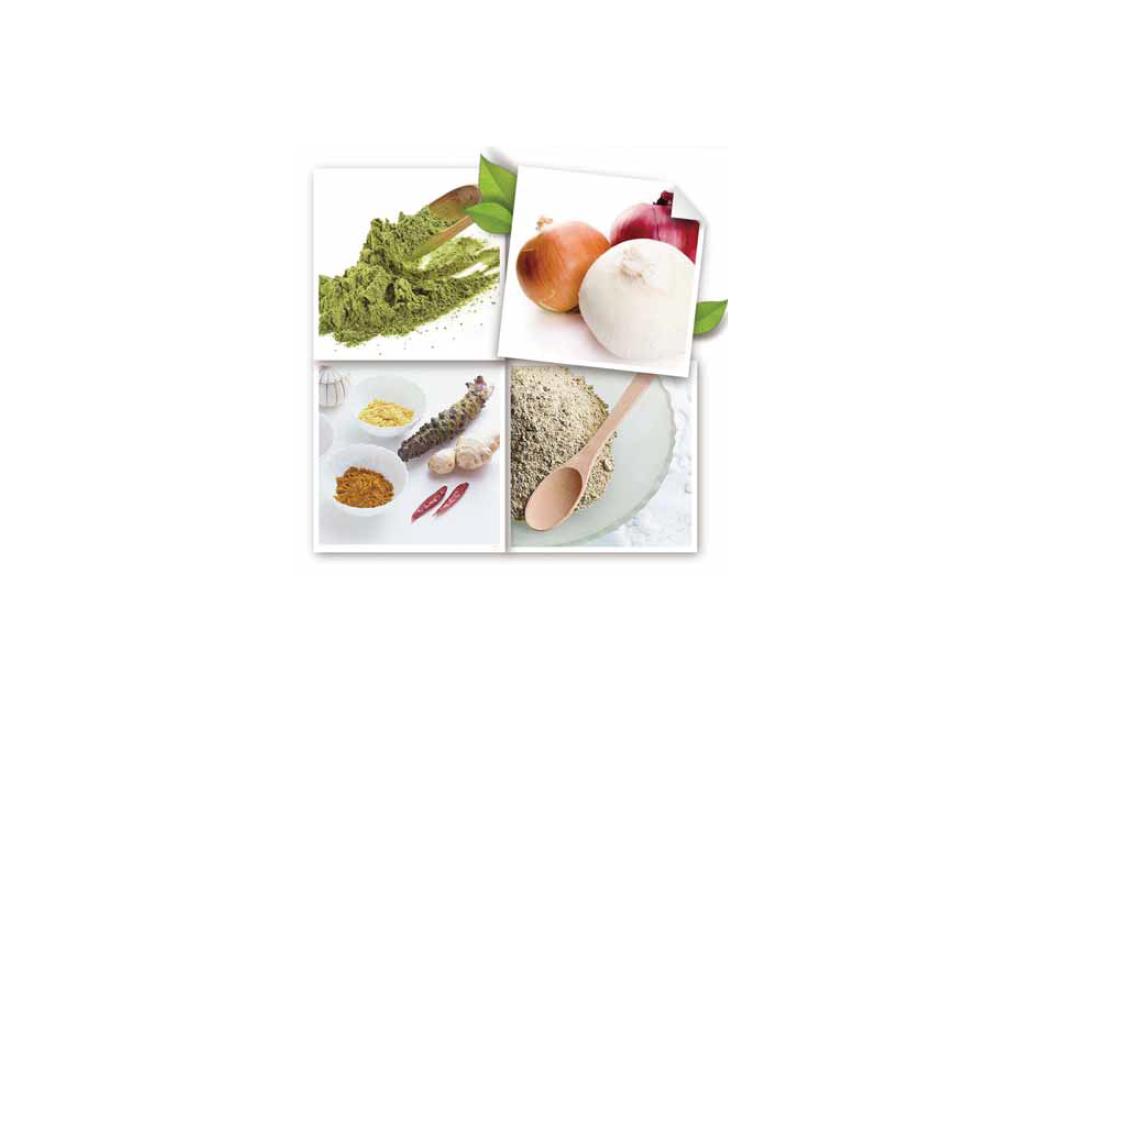 Соусы, специи, приправы, сушеные морские водоросли